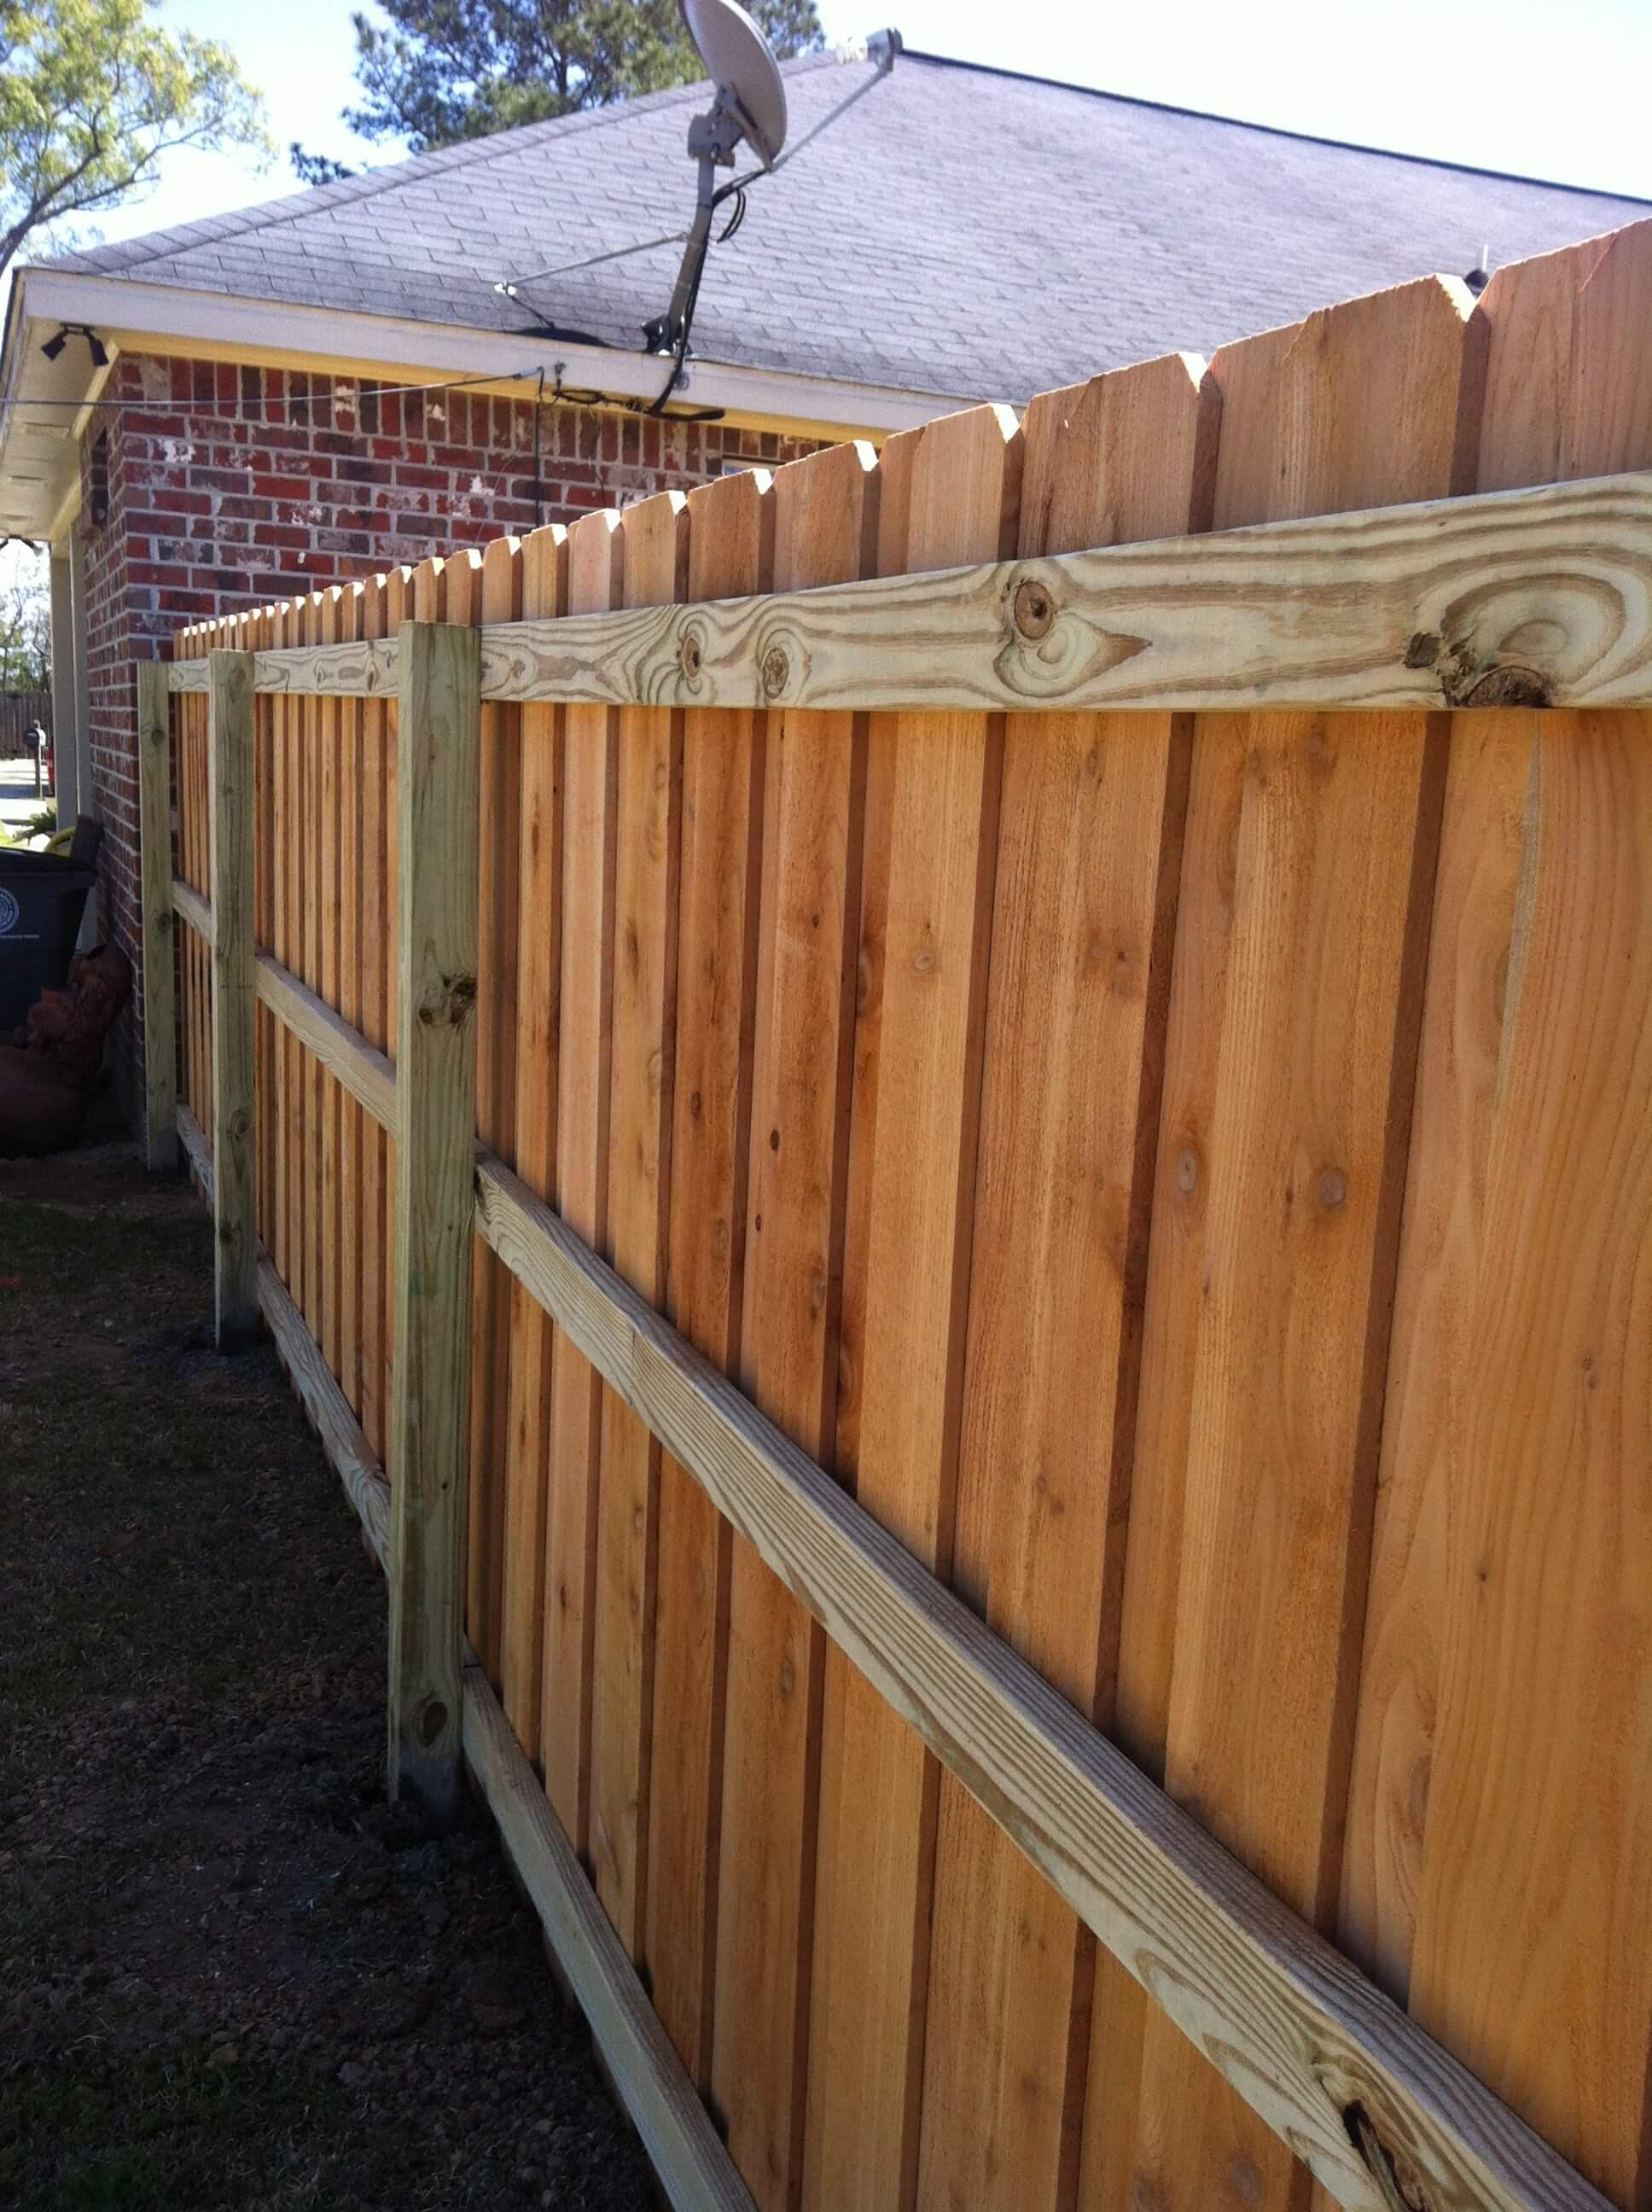 California-Style Cedar Fence